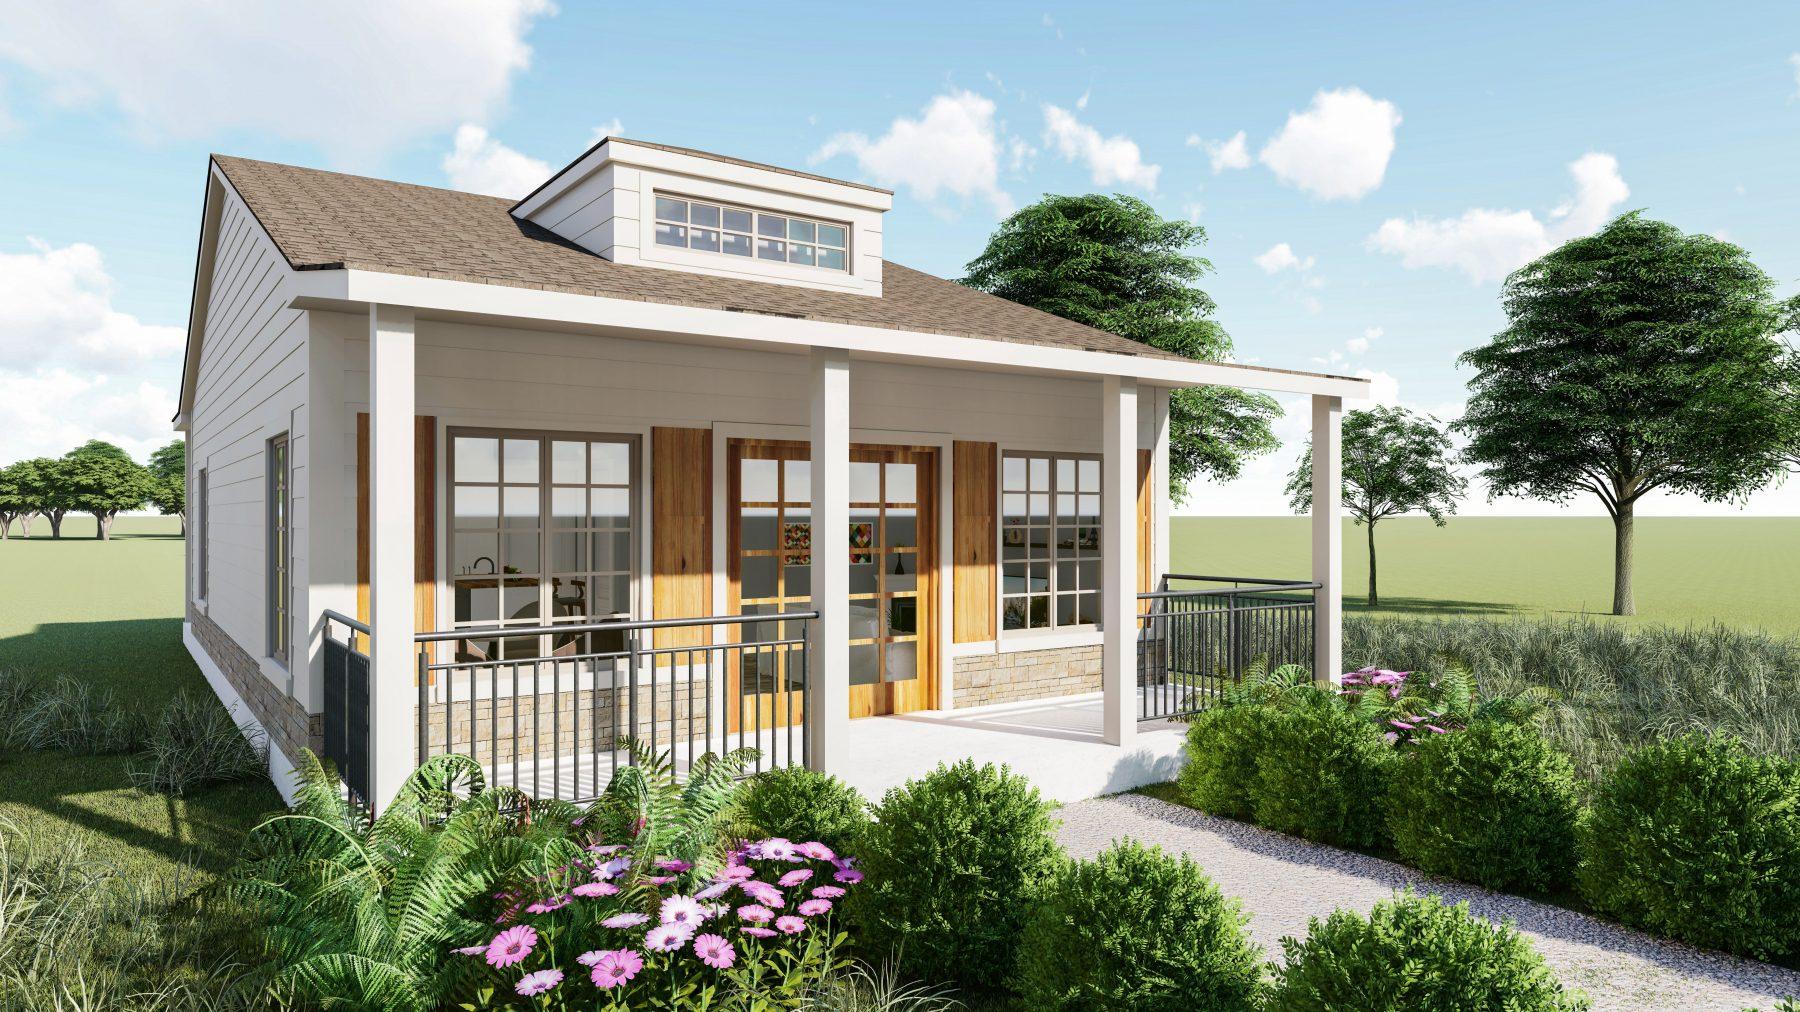 750-Sqft-Backyard-House-2